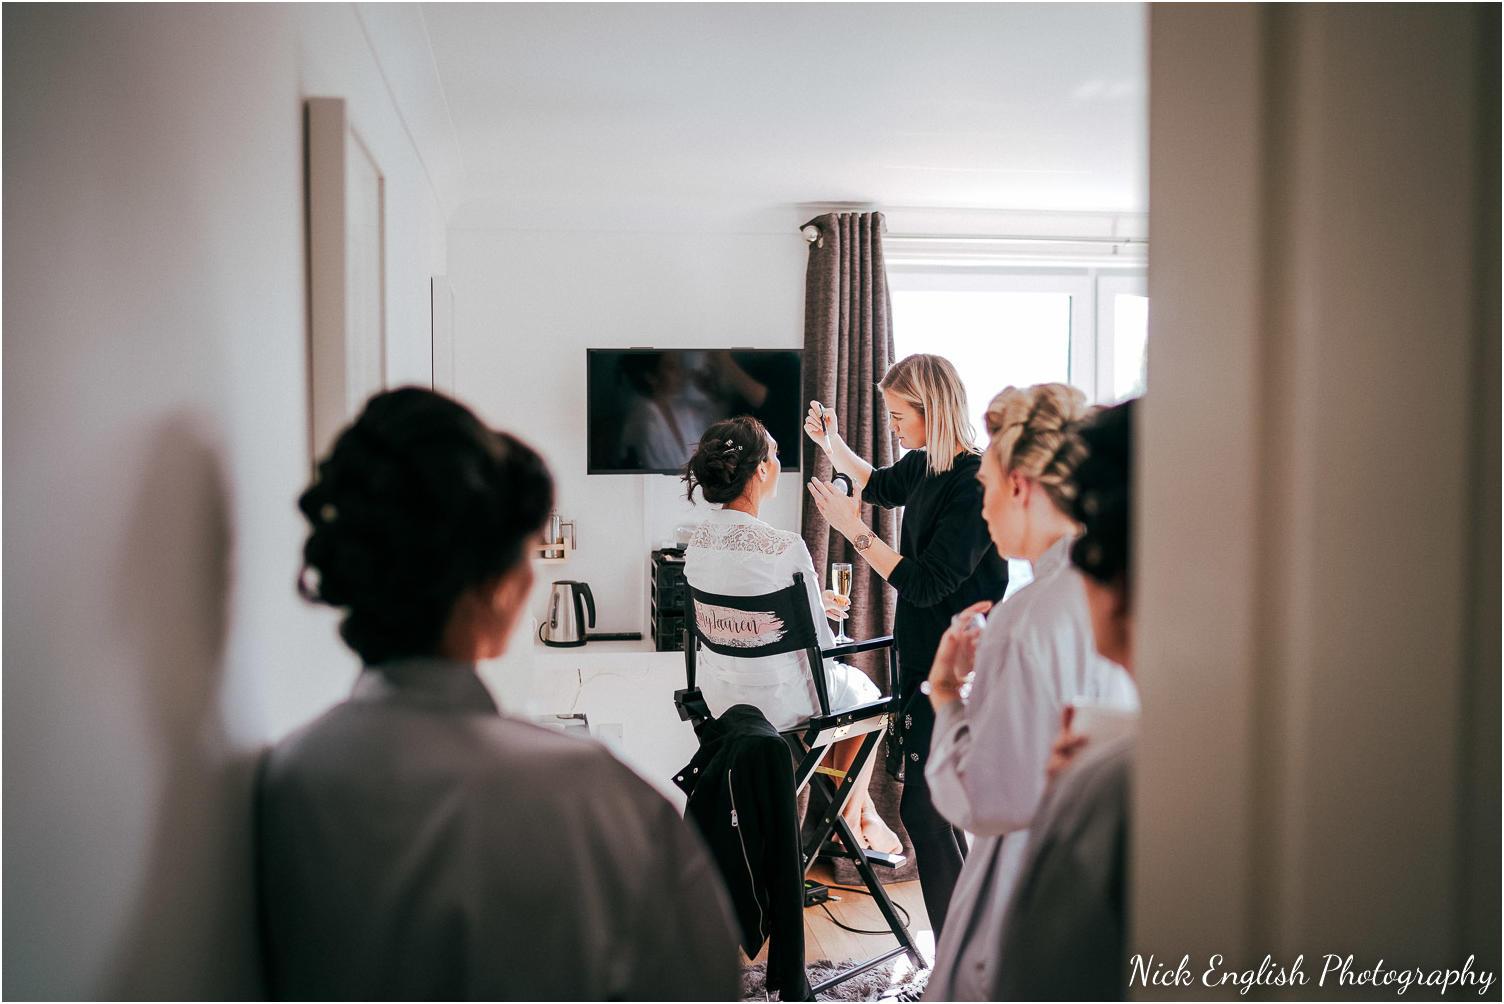 Browsholme_Hall_Barn_Wedding_Nick_English_Photography-4.jpg